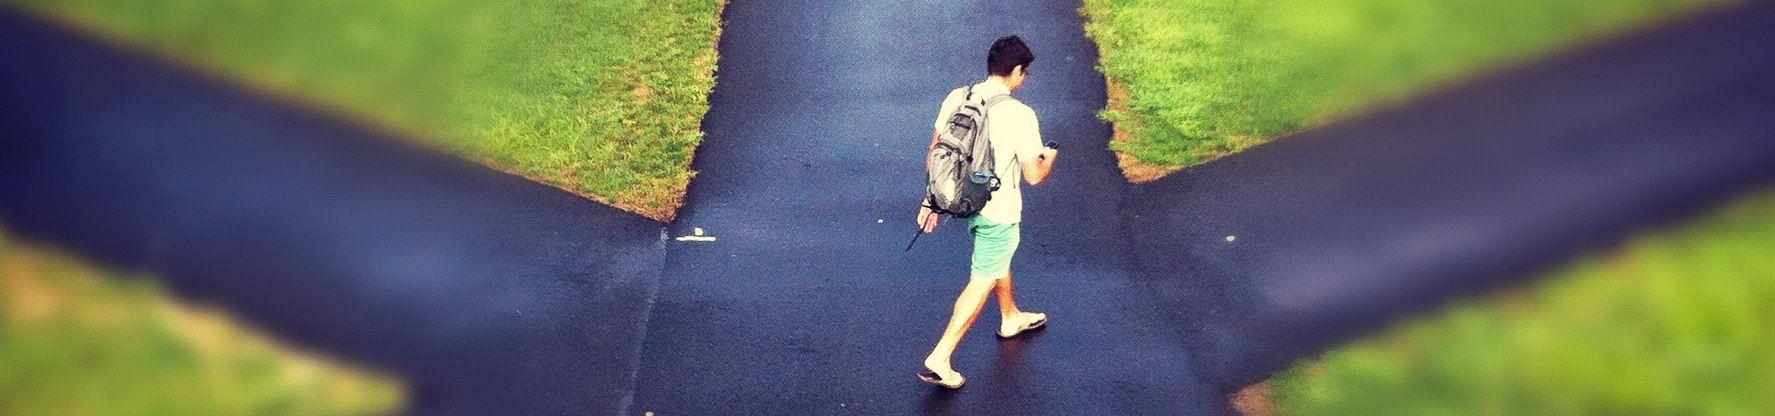 20141206_Instagram_Guy_Walking_MGP_1441.jpg